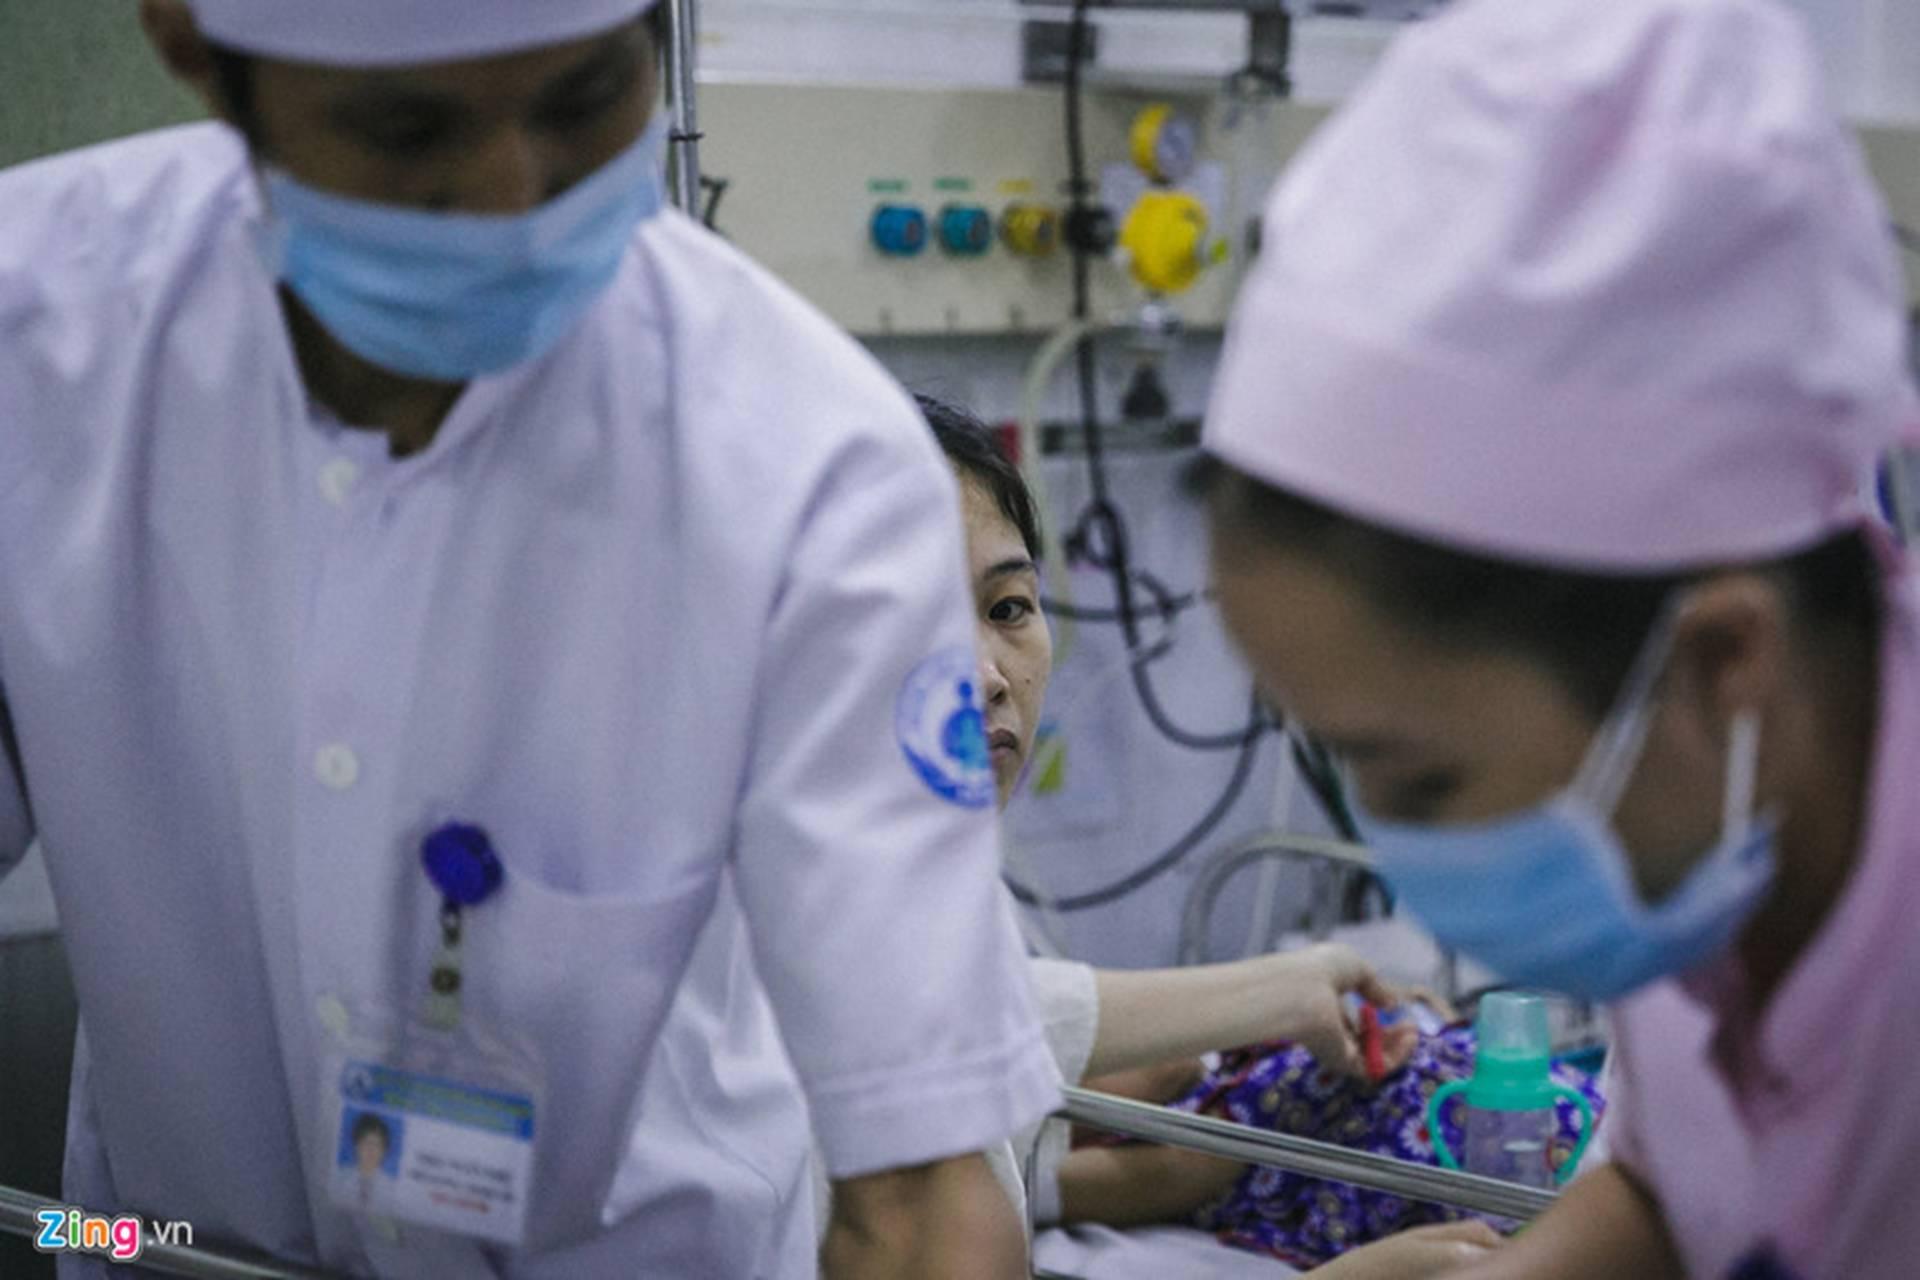 Bệnh viện Nhi ở Sài Gòn vỡ trận vì dịch chồng dịch-18